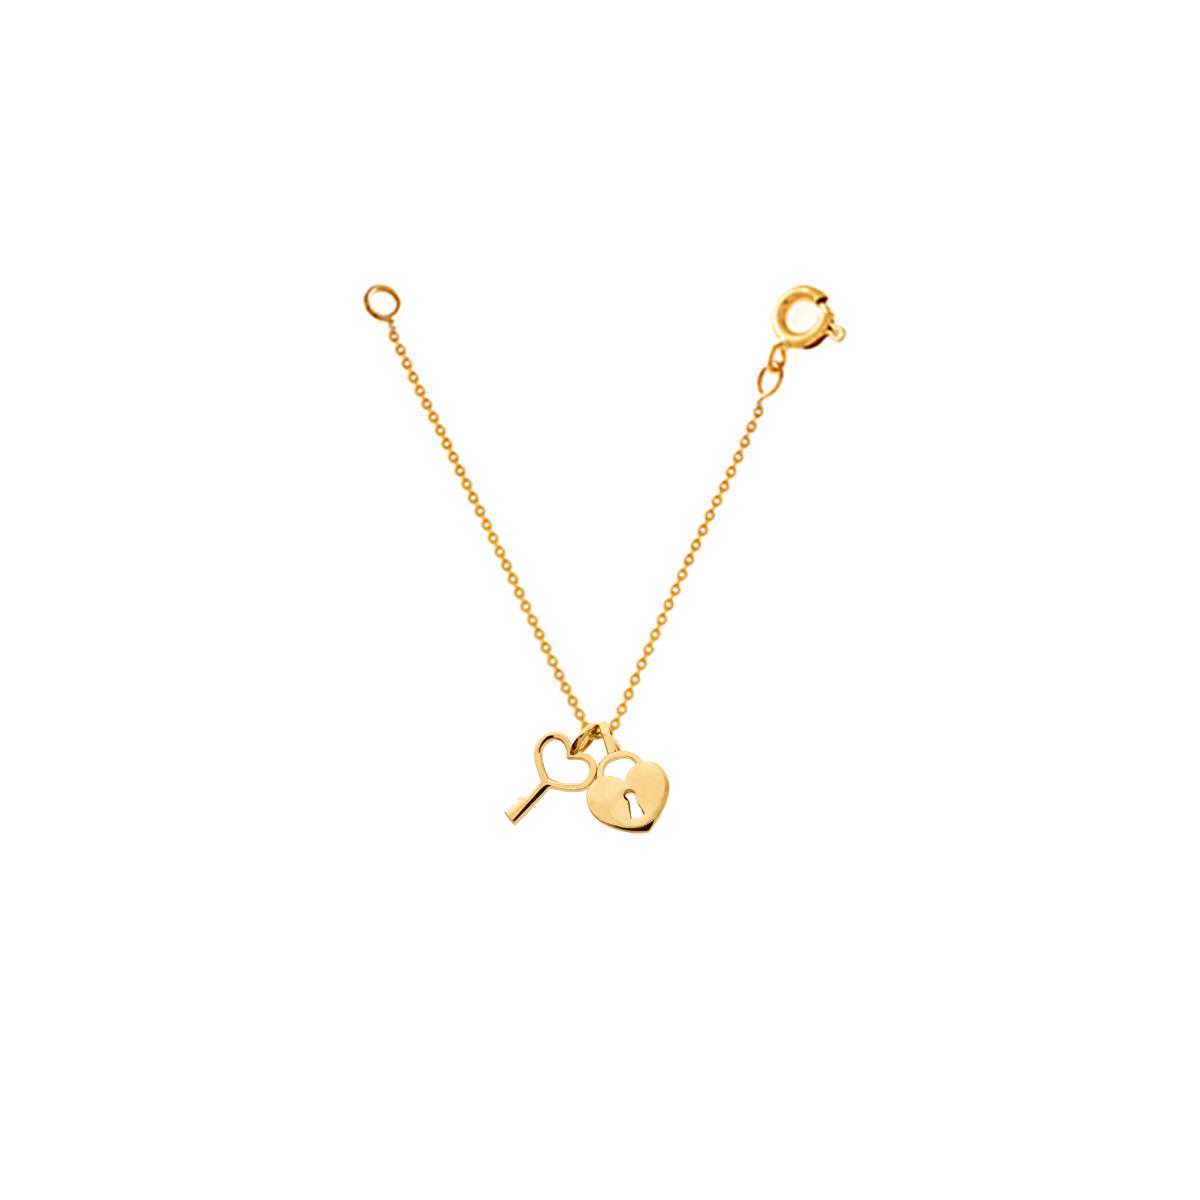 آویز ساعت طلا قفل قلب و کلید